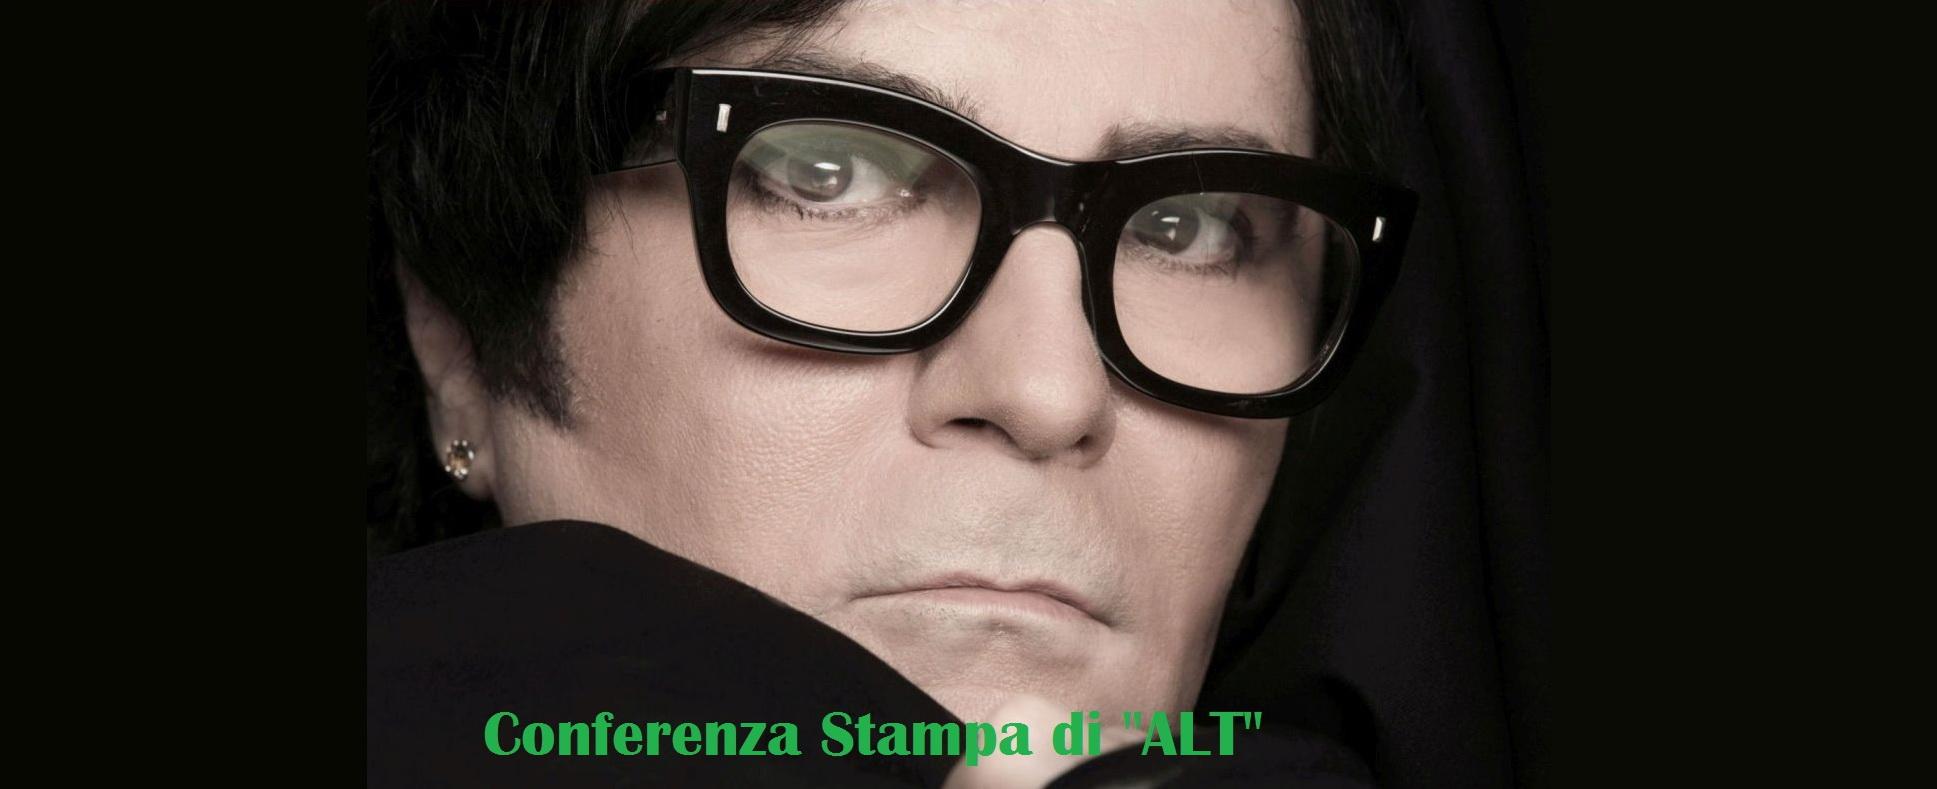 """Questa mattina a Milano c'è stata l'attesa conferenza stampa in cui Renato Zero ha presentato il suo nuovo album """"ALT"""", prodotto insieme a Danilo Madonia e in uscita domani, oltre […]"""